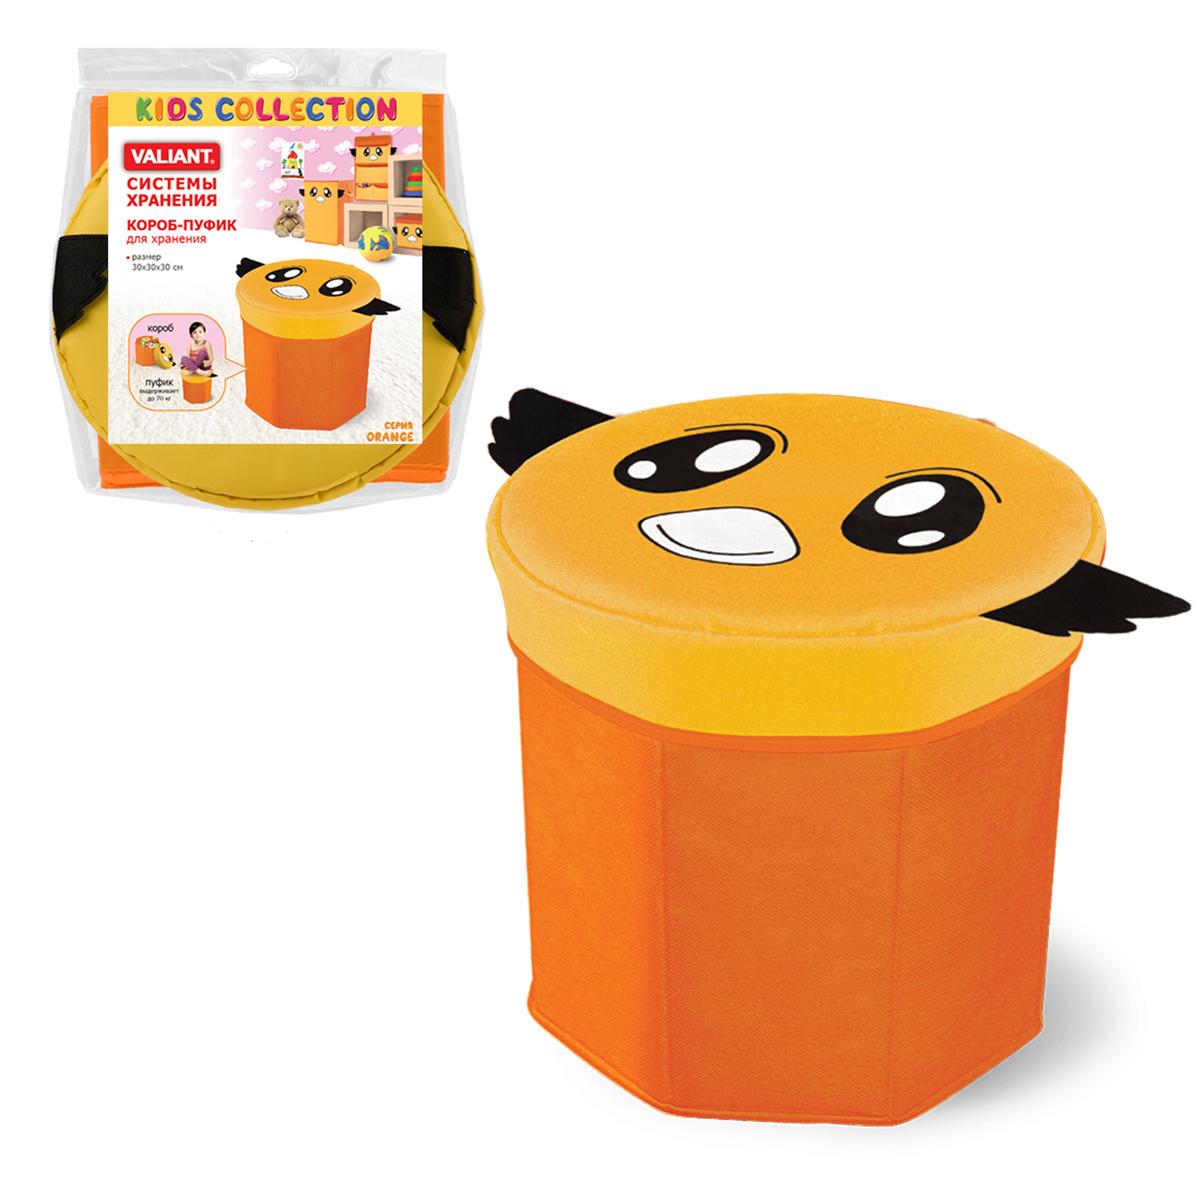 VAL ORN-10 Короб-пуфик для хранения, 30*30*30 см, цвет: оранжевый